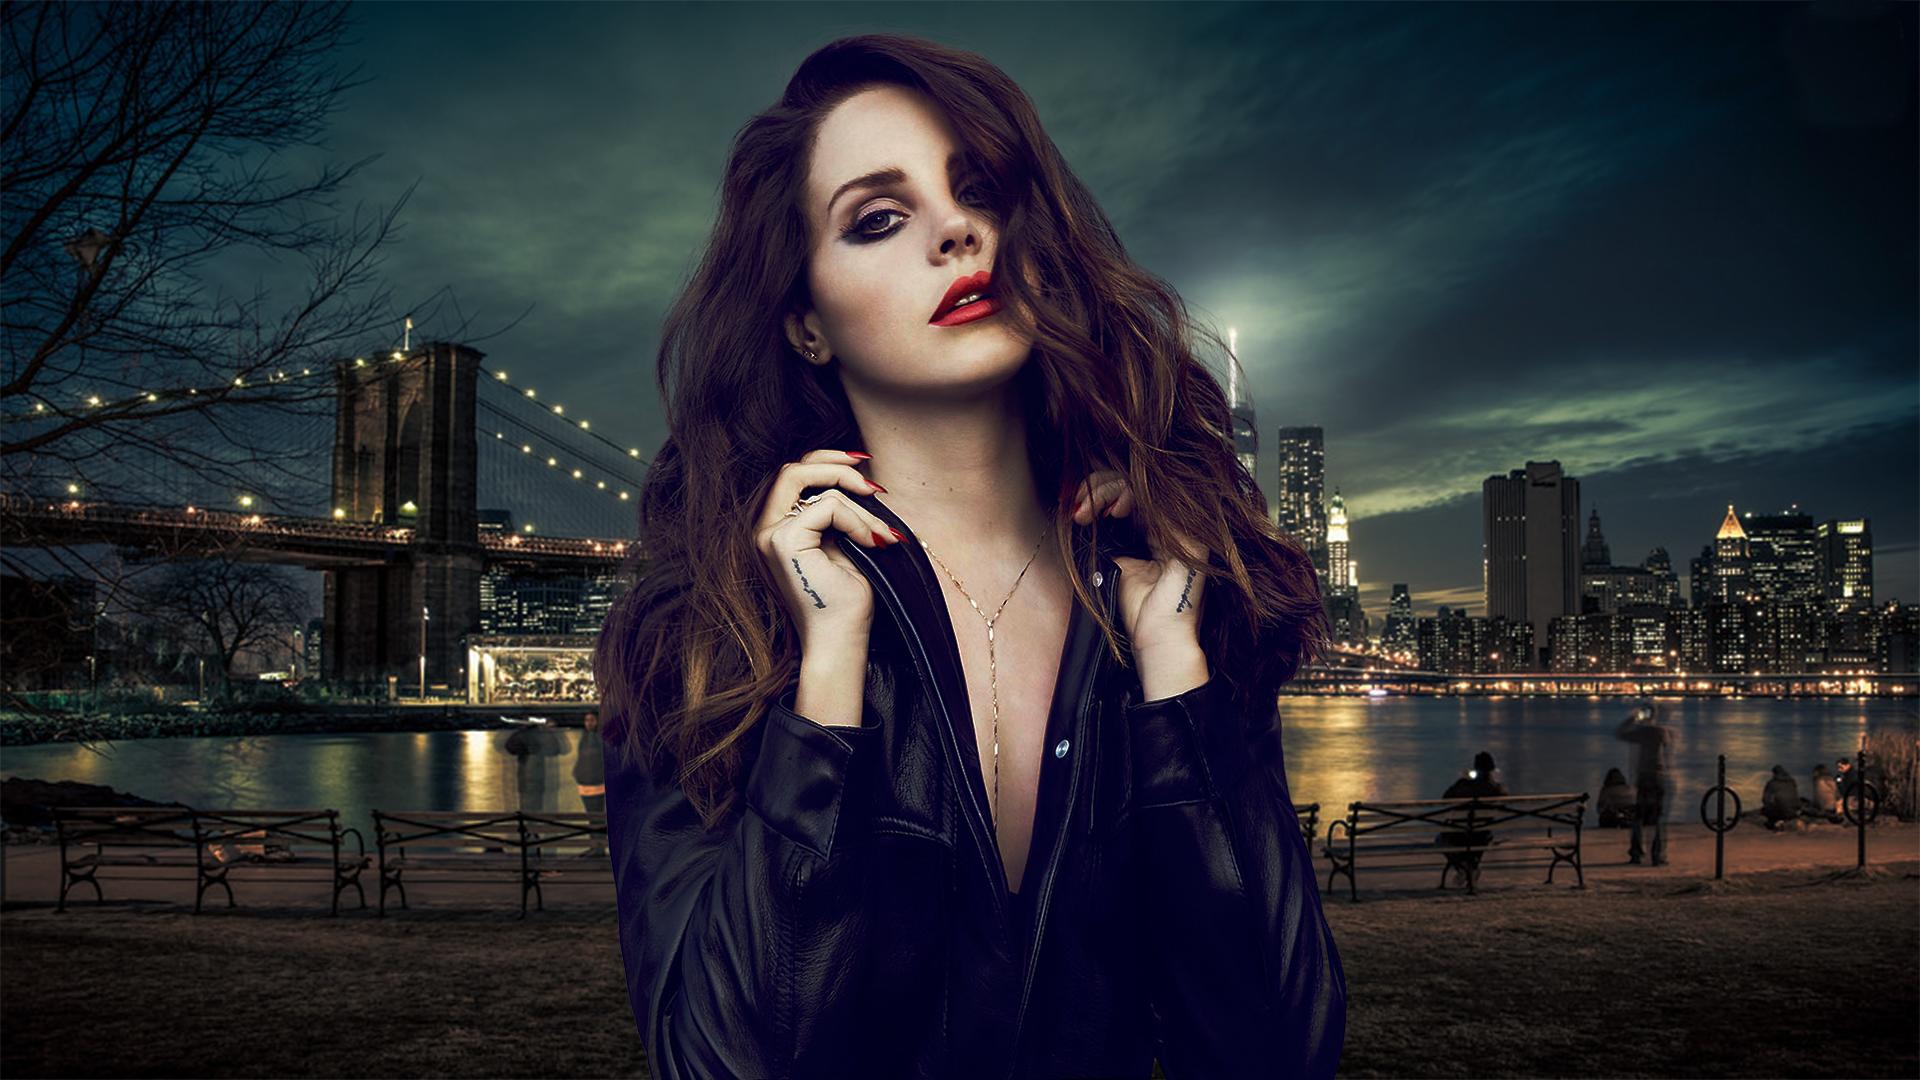 Perfect Lana Del Rey Wallpaper